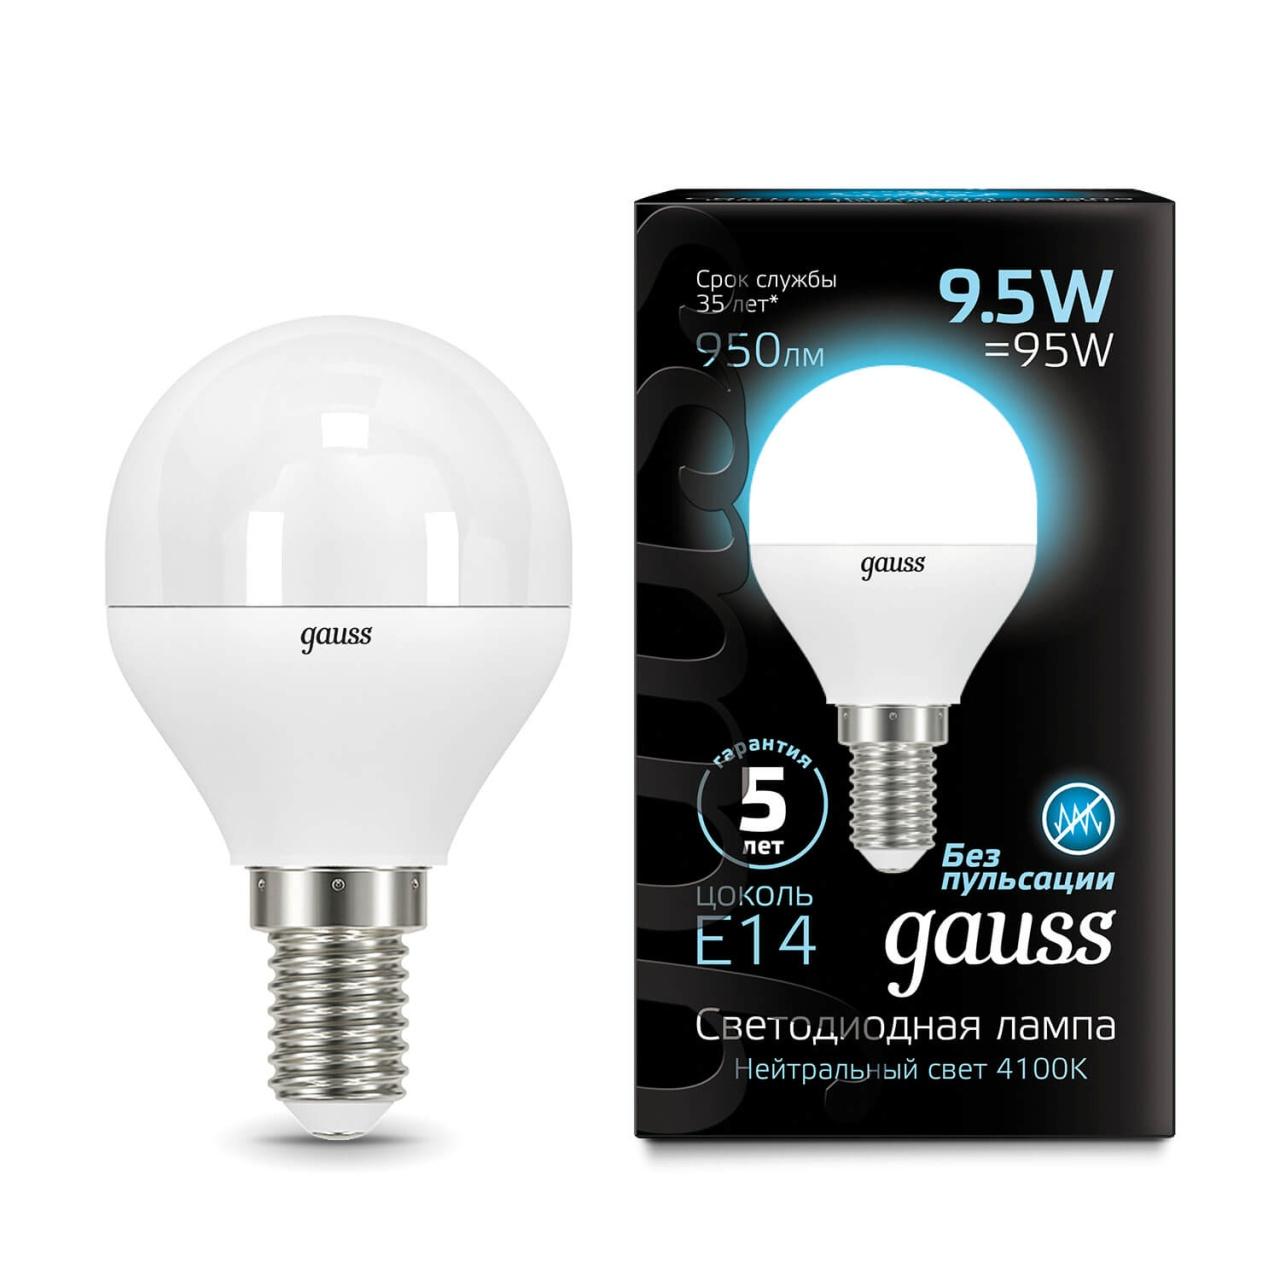 Лампочка Gauss 105101210 LED Globe лампочка gauss led globe e14 9 5w 4100k 105101210